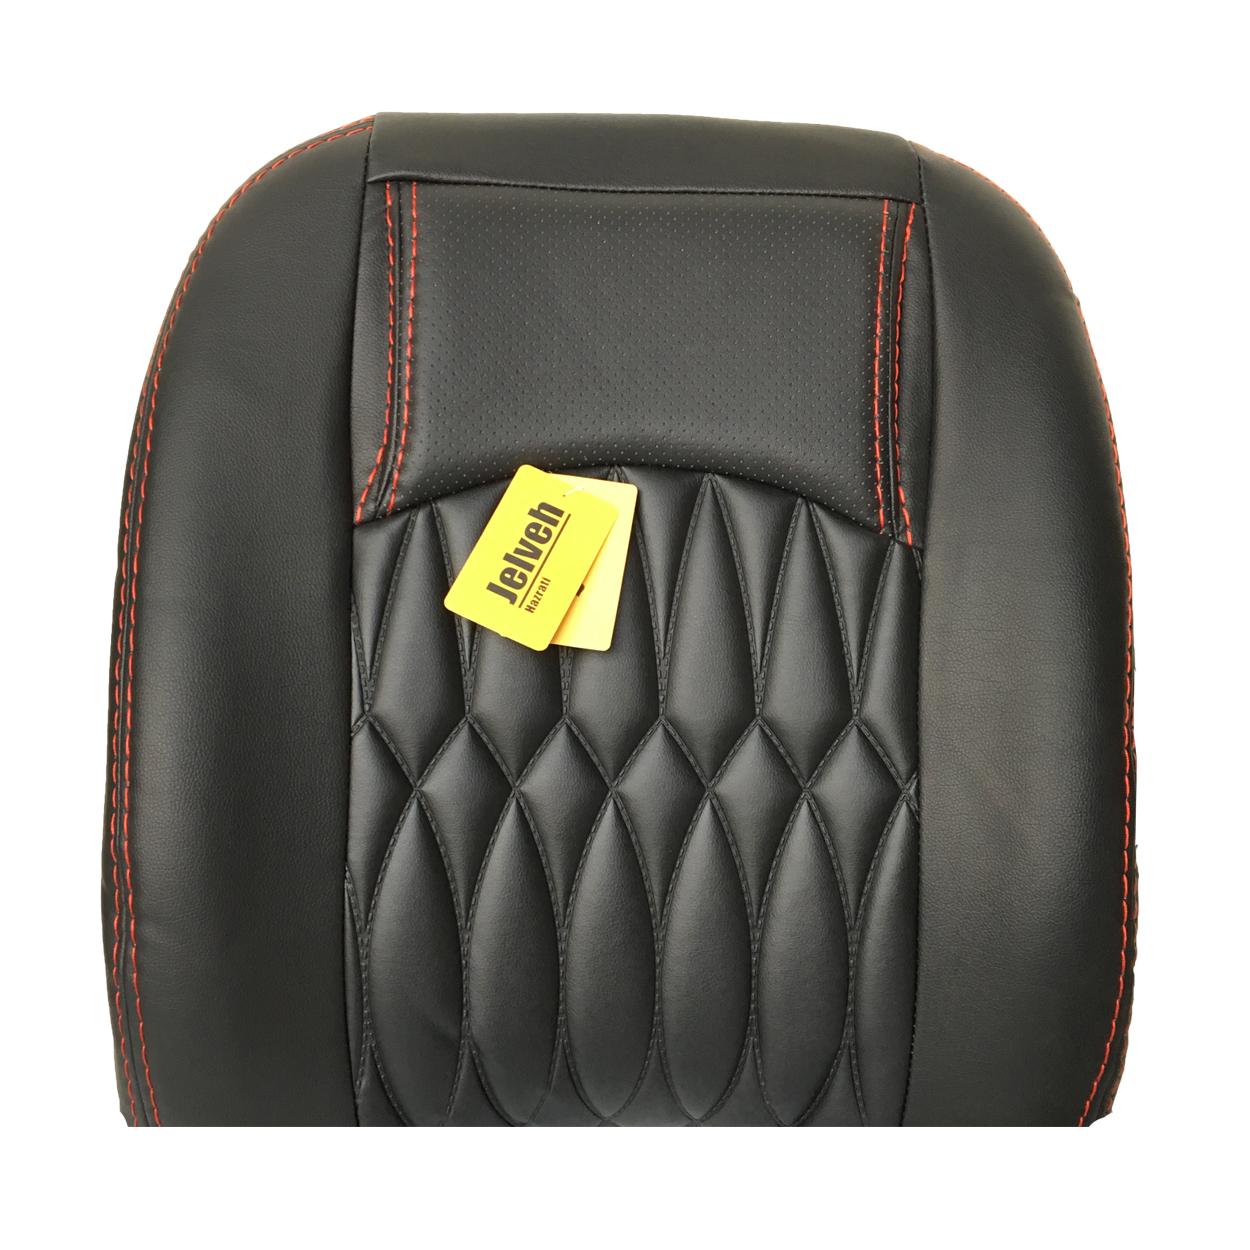 روکش صندلی خودرو جلوه مدل pr12 مناسب برای پژو 206